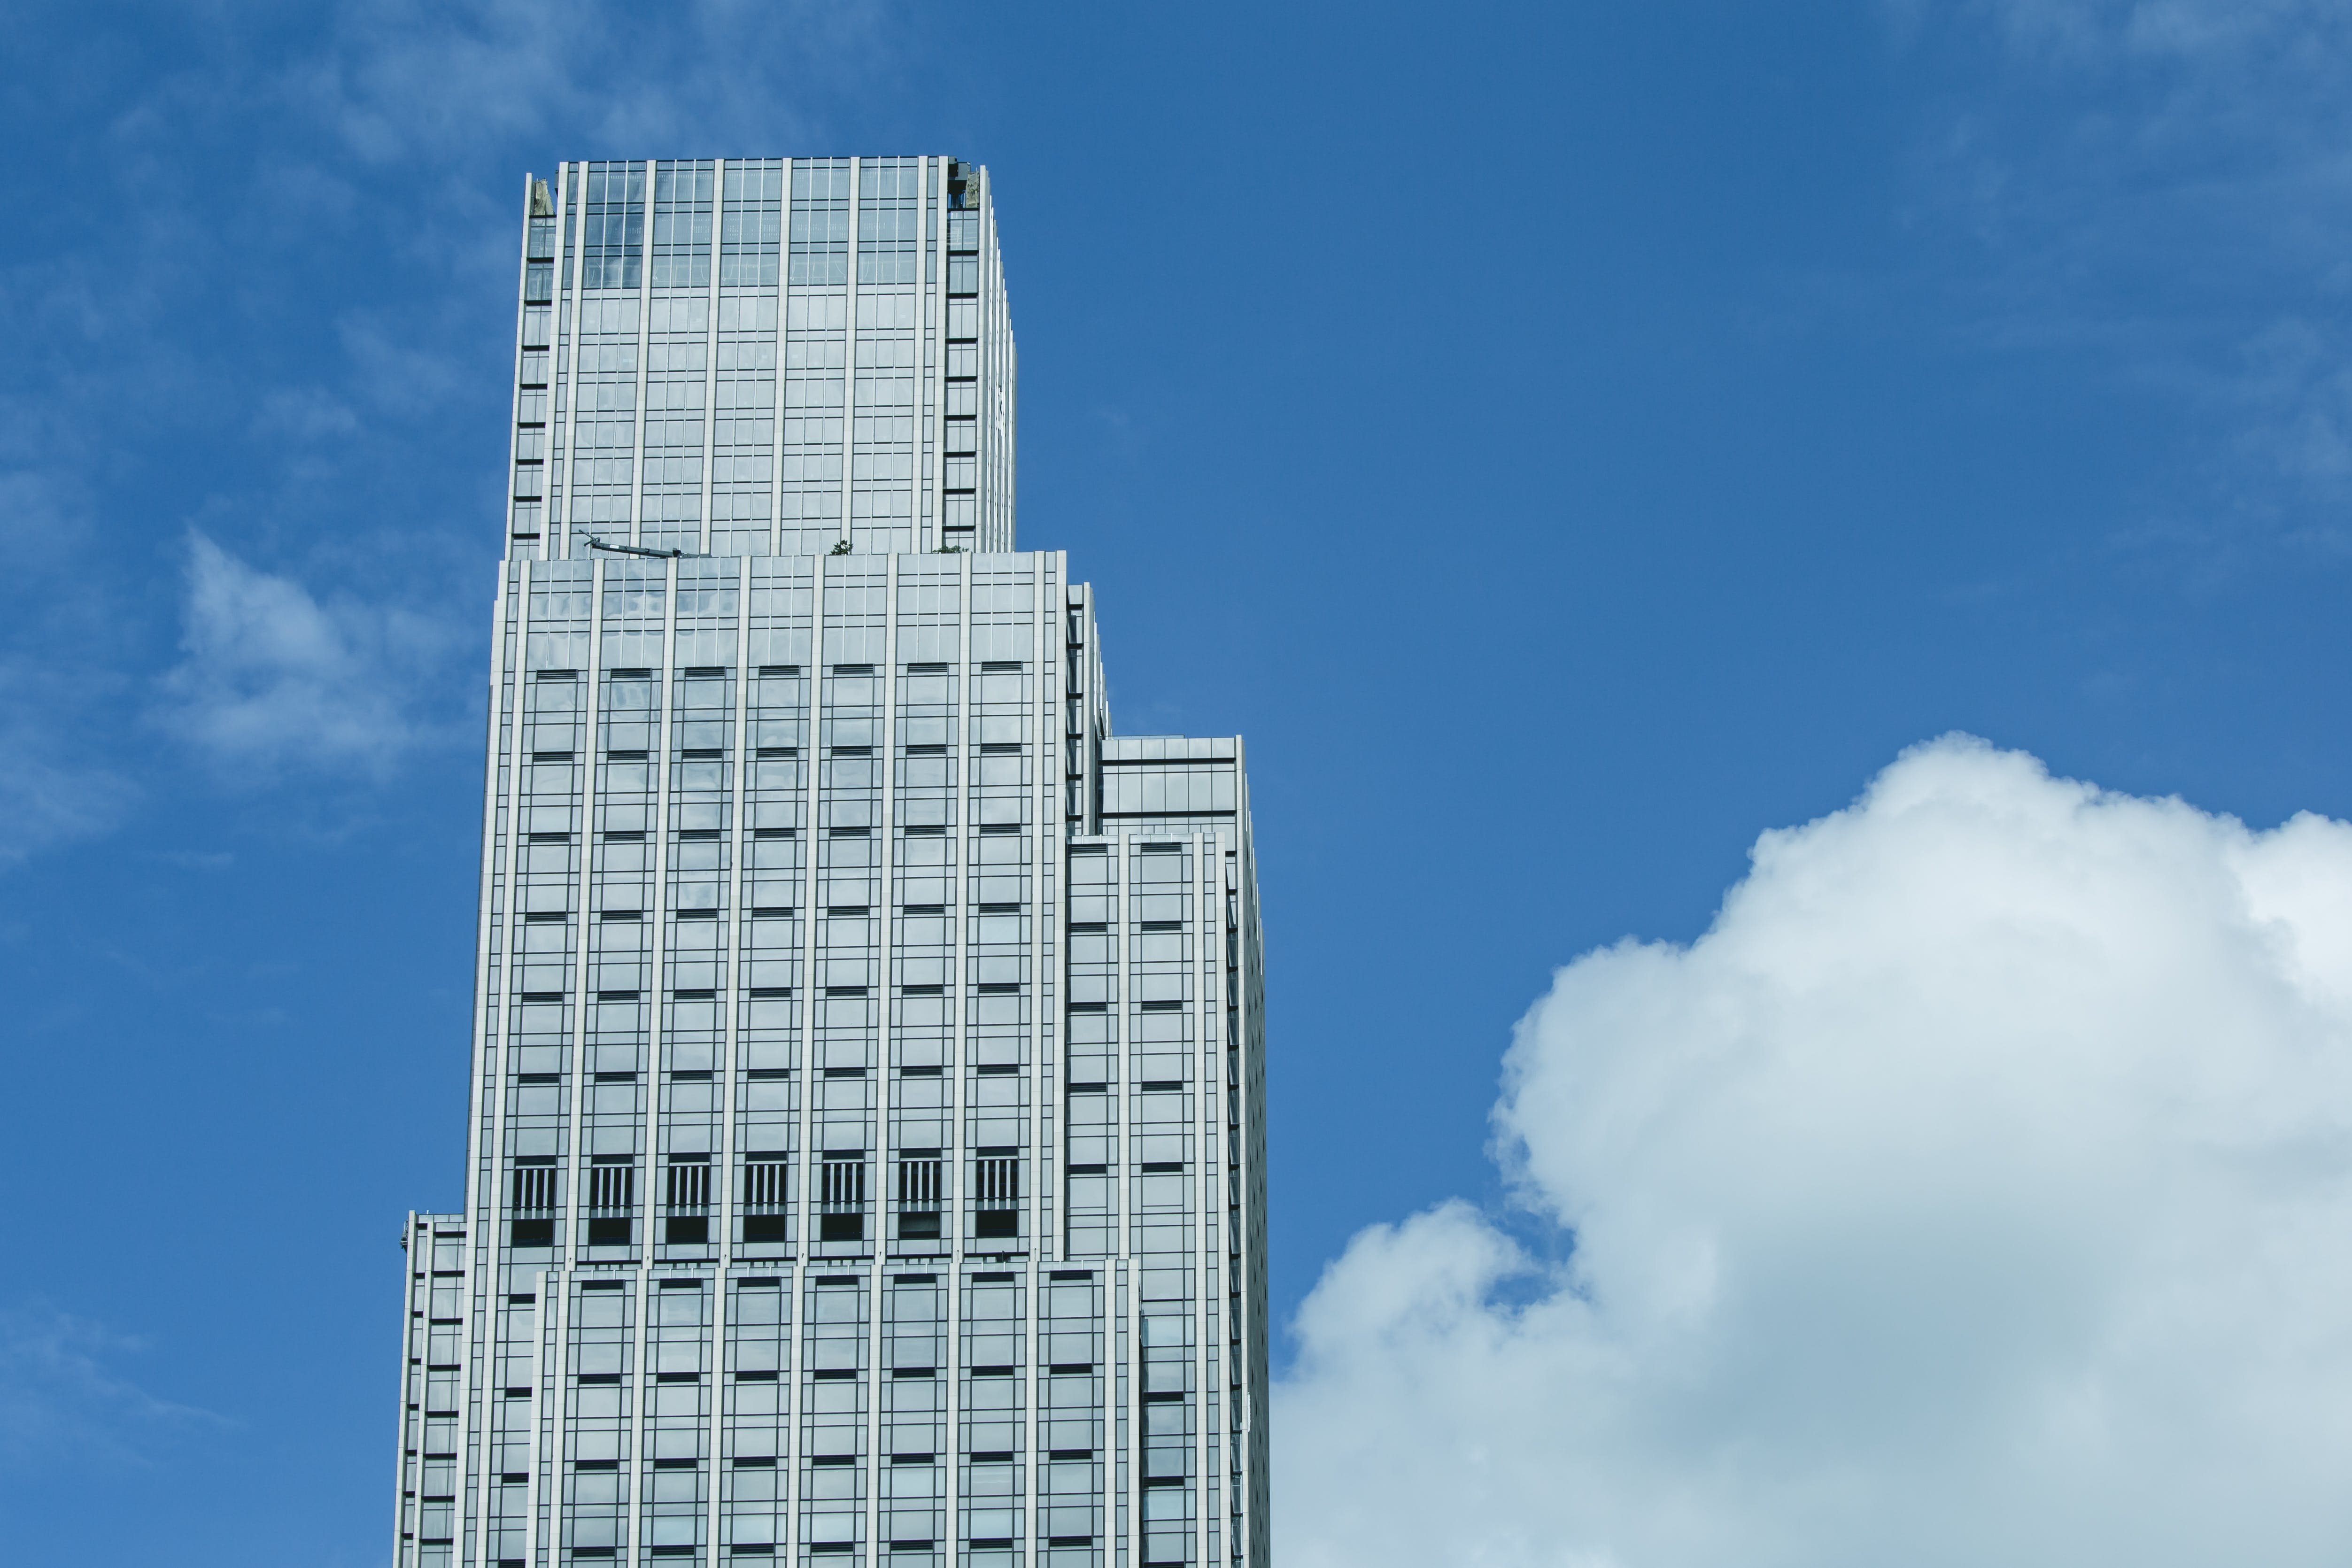 Kostenloses Stock Foto zu architektur, architekturdesign, ausdruck, blauer himmel